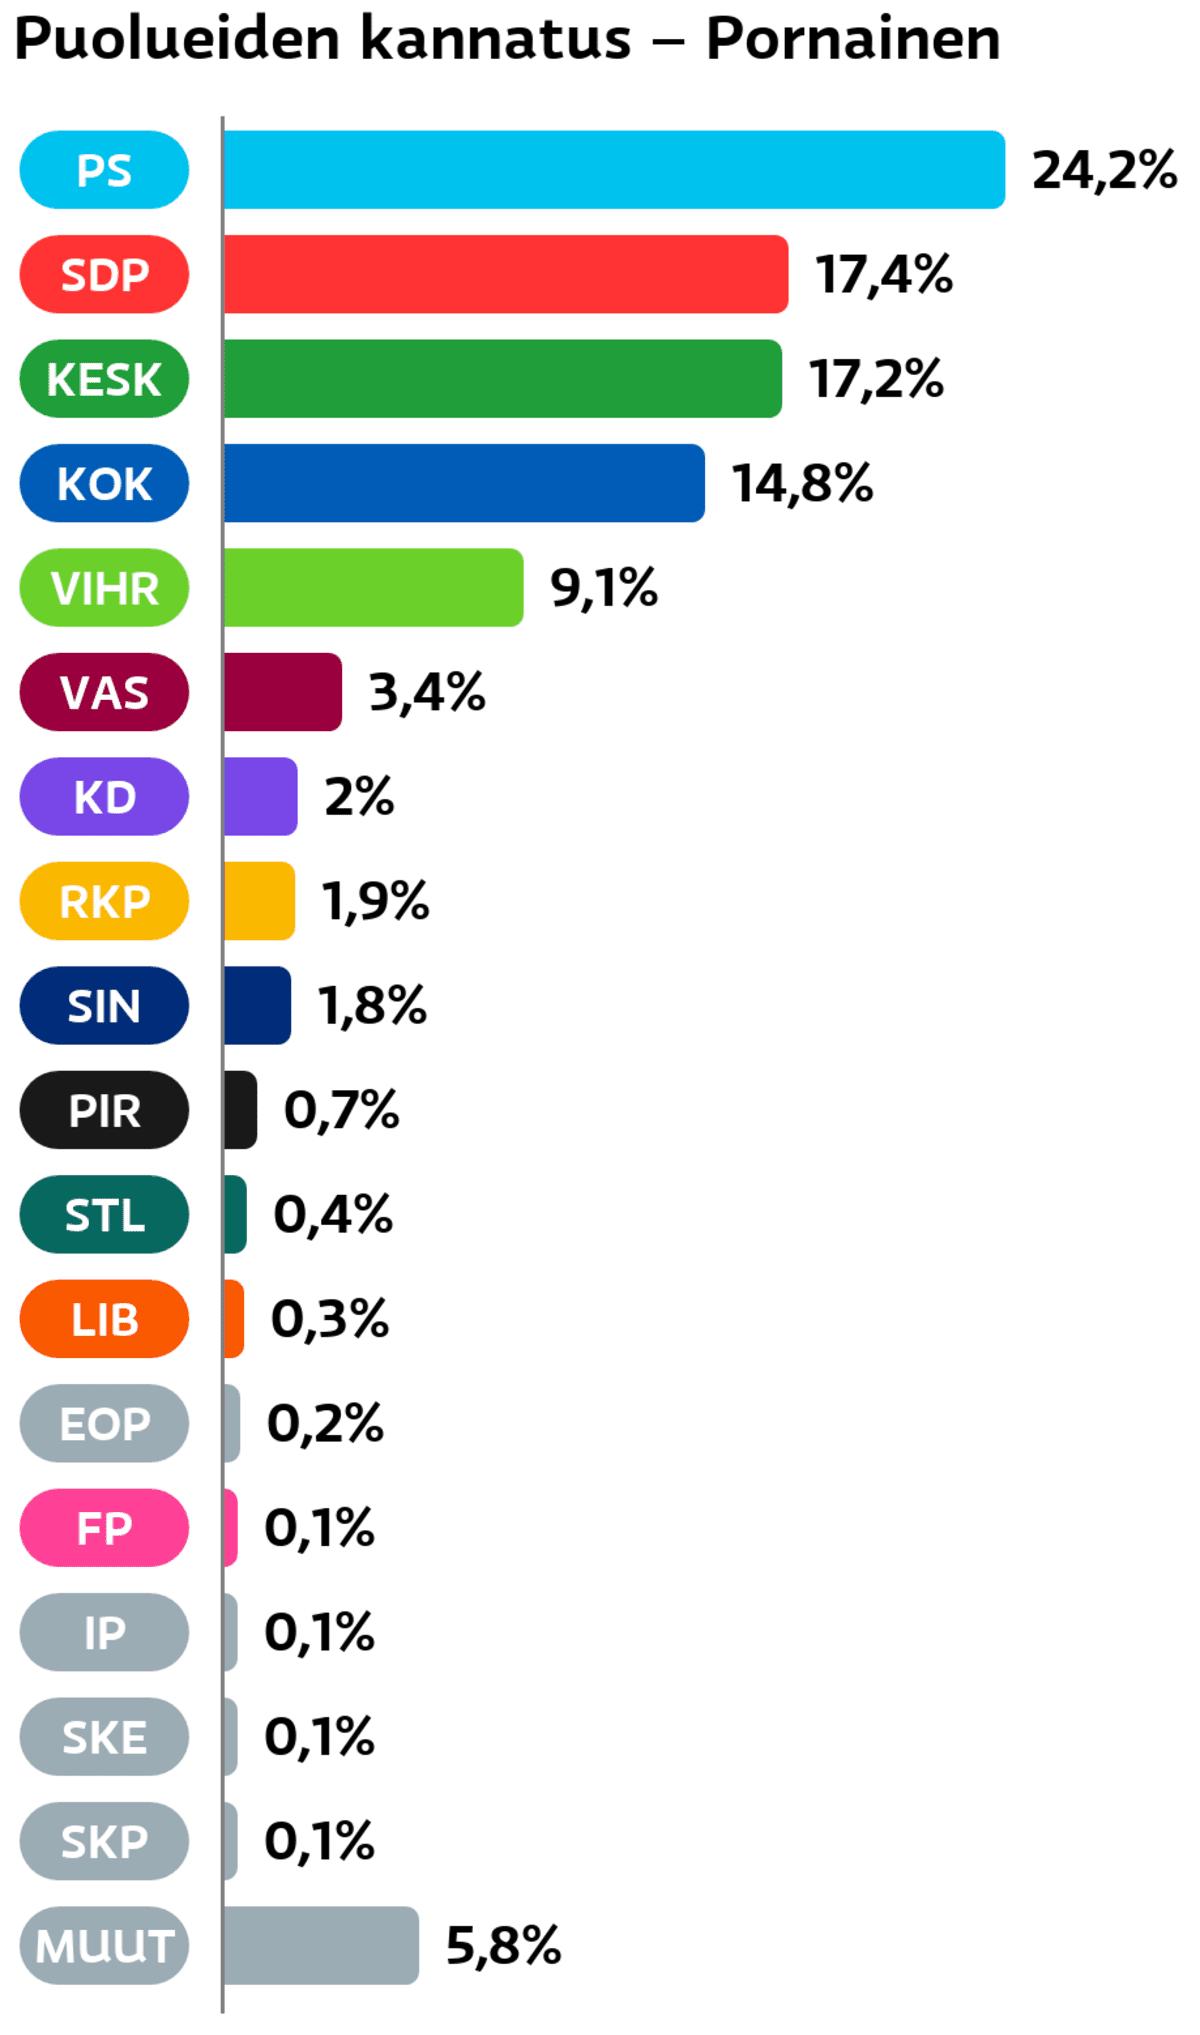 Puolueiden kannatus: Pornainen Perussuomalaiset: 24,2 prosenttia SDP: 17,4 prosenttia Keskusta: 17,2 prosenttia Kokoomus: 14,8 prosenttia Vihreät: 9,1 prosenttia Vasemmistoliitto: 3,4 prosenttia Suomen Kristillisdemokraatit: 2 prosenttia RKP: 1,9 prosenttia Sininen tulevaisuus: 1,8 prosenttia Piraattipuolue: 0,7 prosenttia Tähtiliike: 0,4 prosenttia Liberaalipuolue: 0,3 prosenttia Eläinoikeuspuolue: 0,2 prosenttia Feministinen puolue: 0,1 prosenttia Itsenäisyyspuolue: 0,1 prosenttia Suomen Kansa Ensin: 0,1 prosenttia SKP: 0,1 prosenttia Muut ryhmät: 5,8 prosenttia